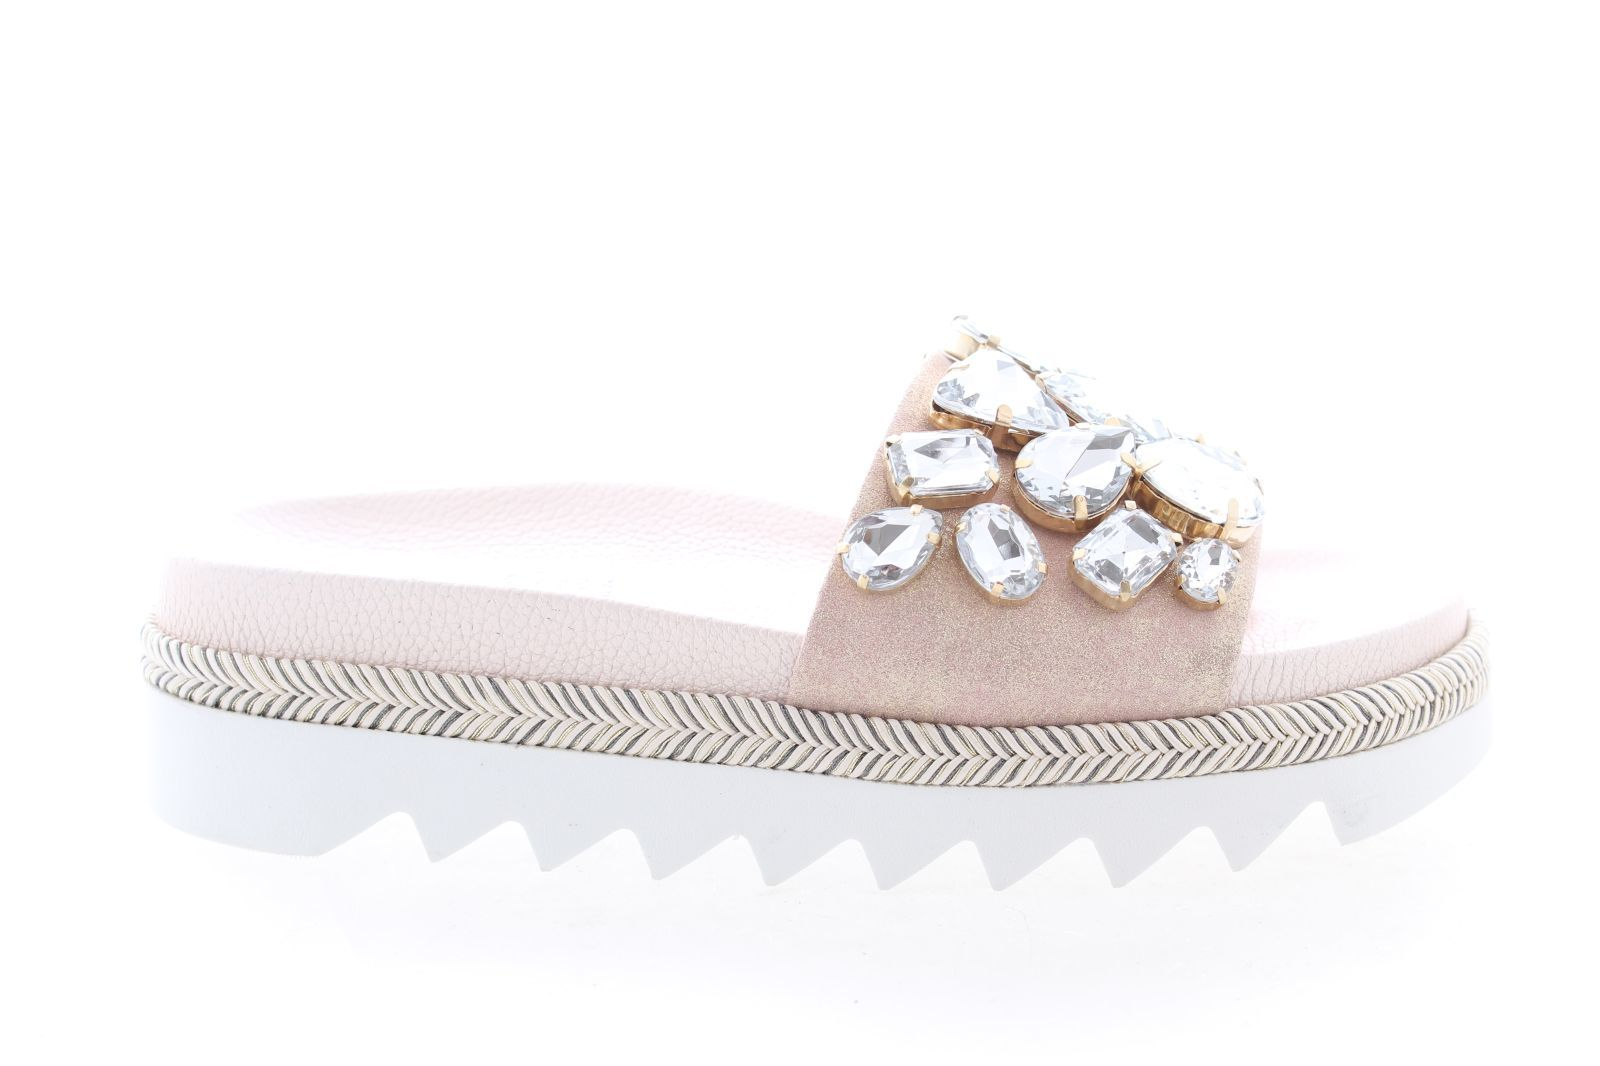 5494b0f6e59 New Paris Londres - Exclusieve schoenen, accessoires en kledij voor ...